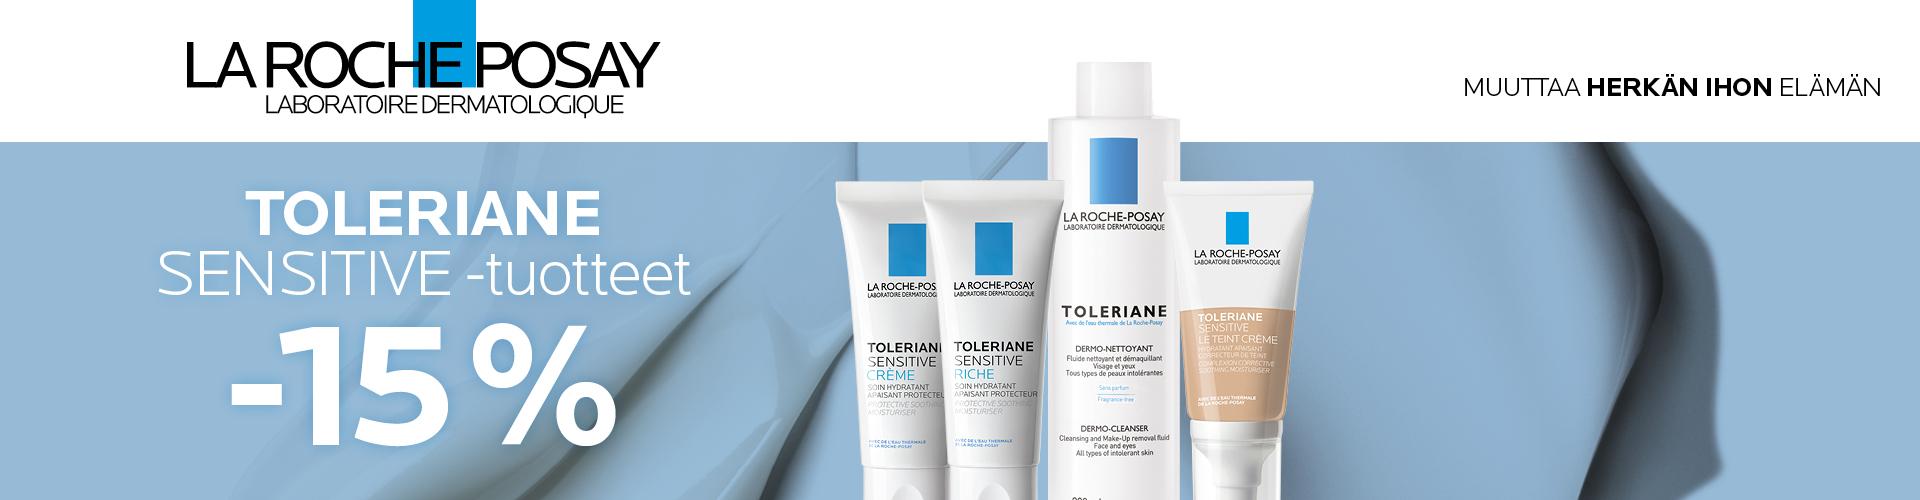 La Roche-Posay Toleriane Sensitive -15%